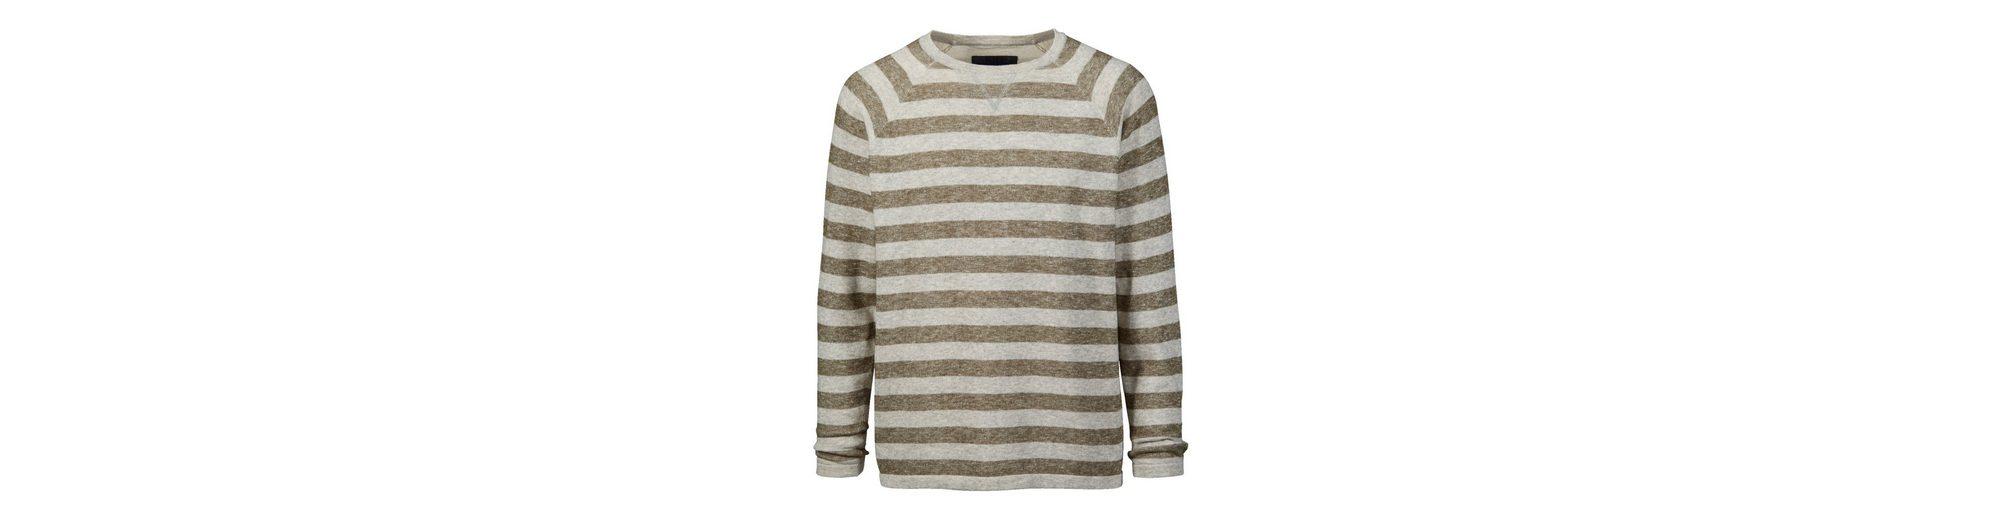 Babista Pullover aus reiner Baumwolle Austritt Ansicht vlYr3OC